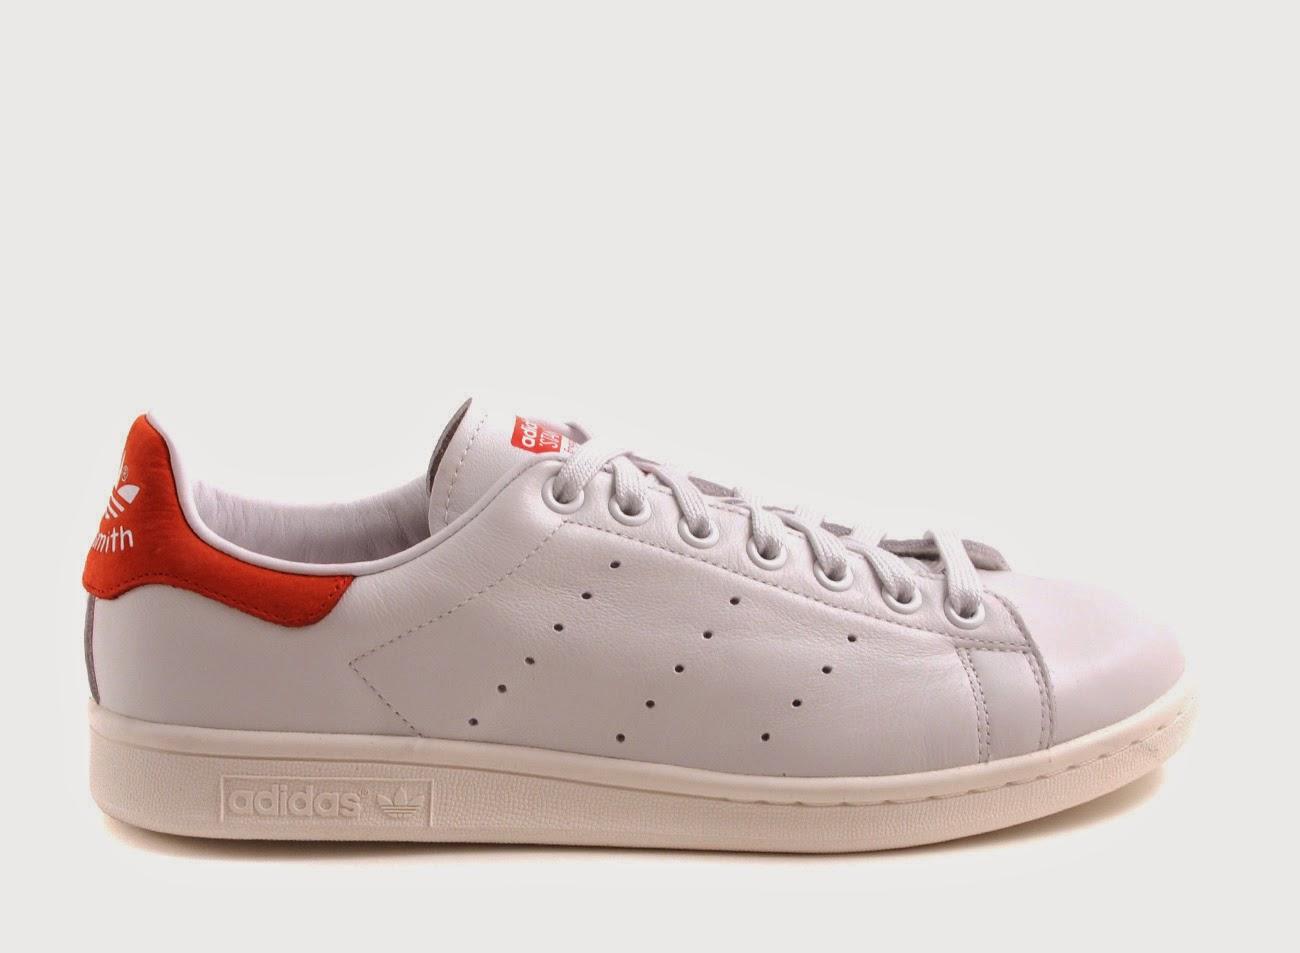 Zapatillas Nuevas primeras marcas Adidas, Nike, Fila, Reebok - imagenes de zapatillas de marca